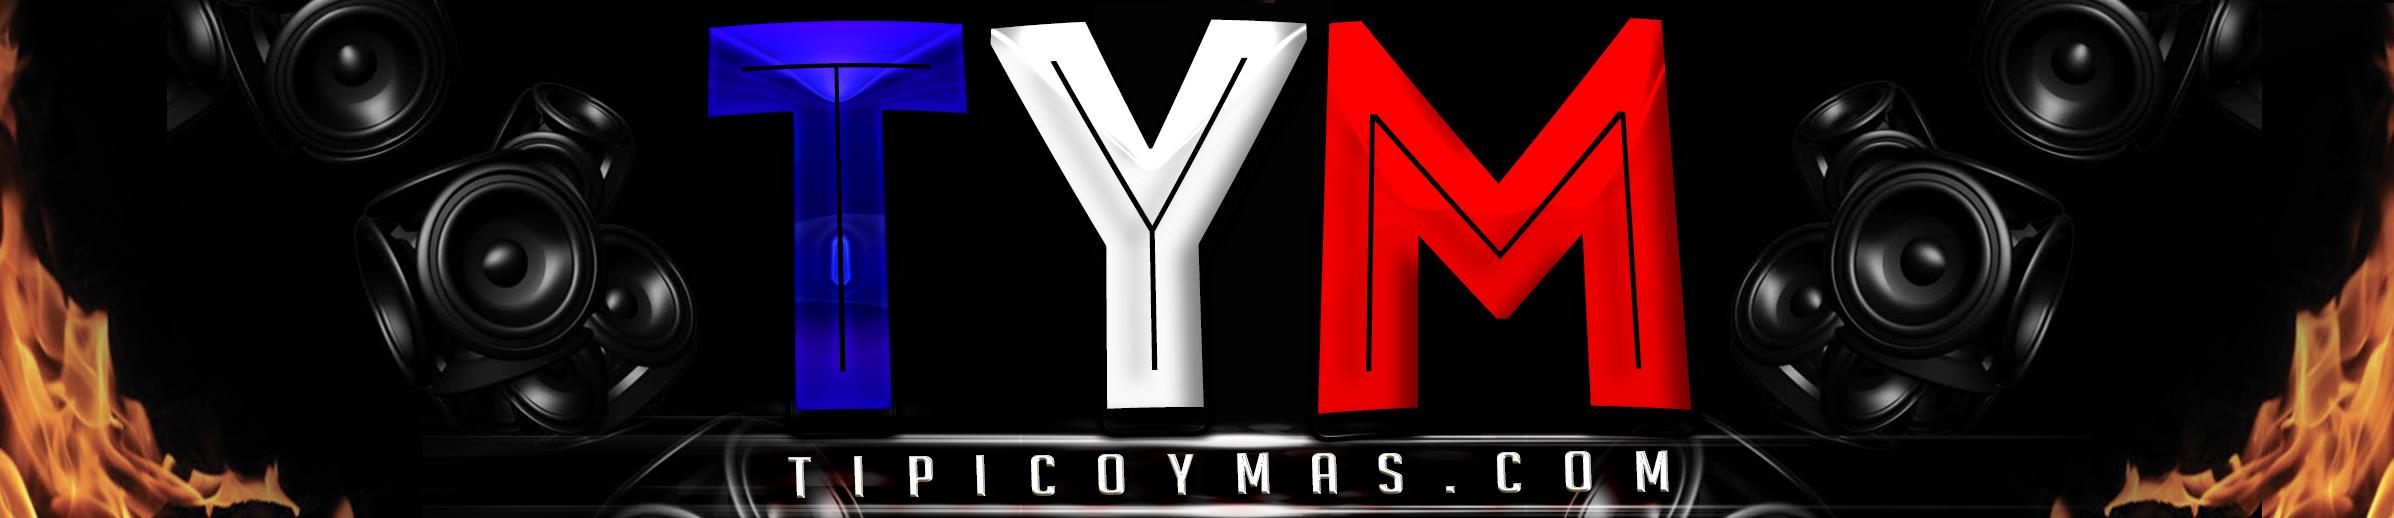 www.TipicoYMas.com